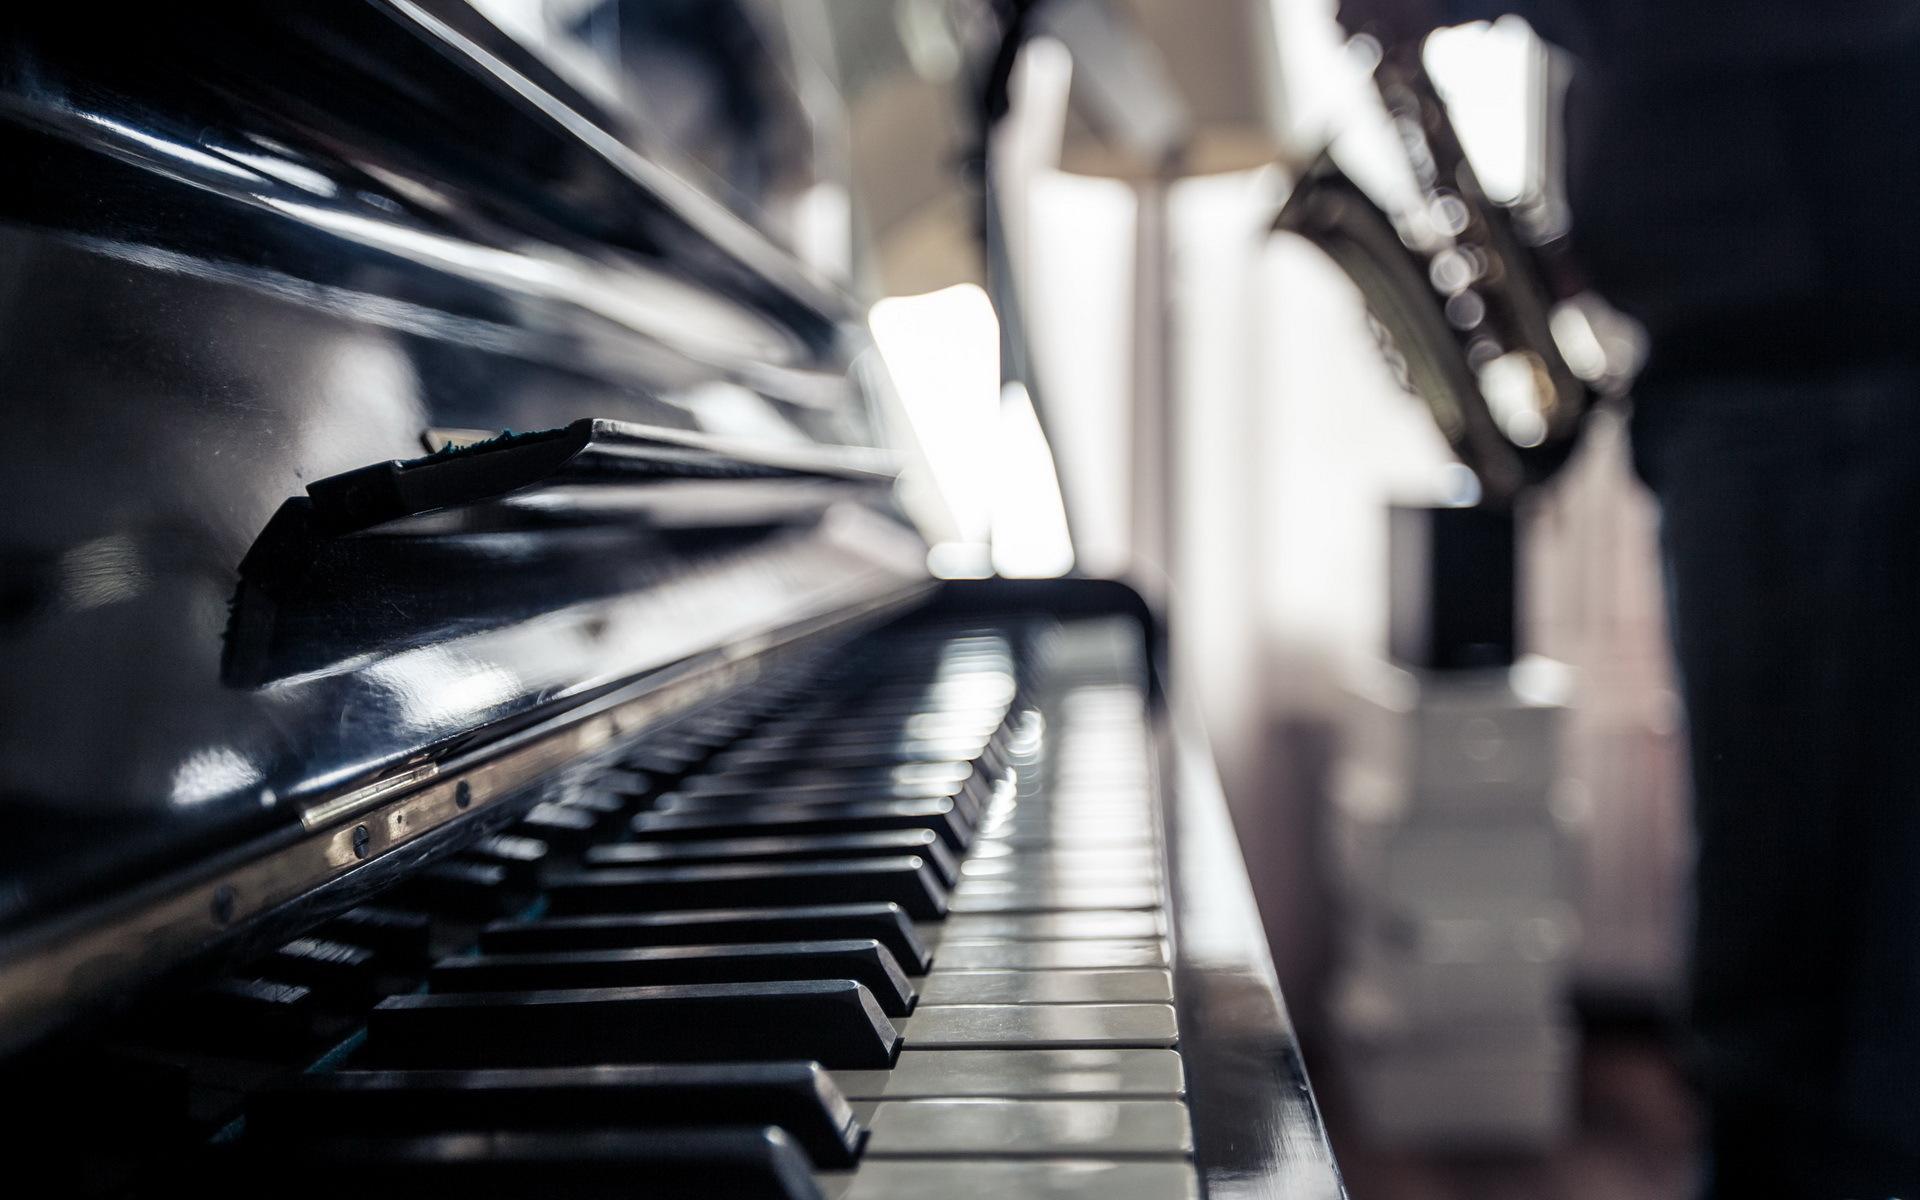 результат рояль и свечи фото в высоком разрешении написать